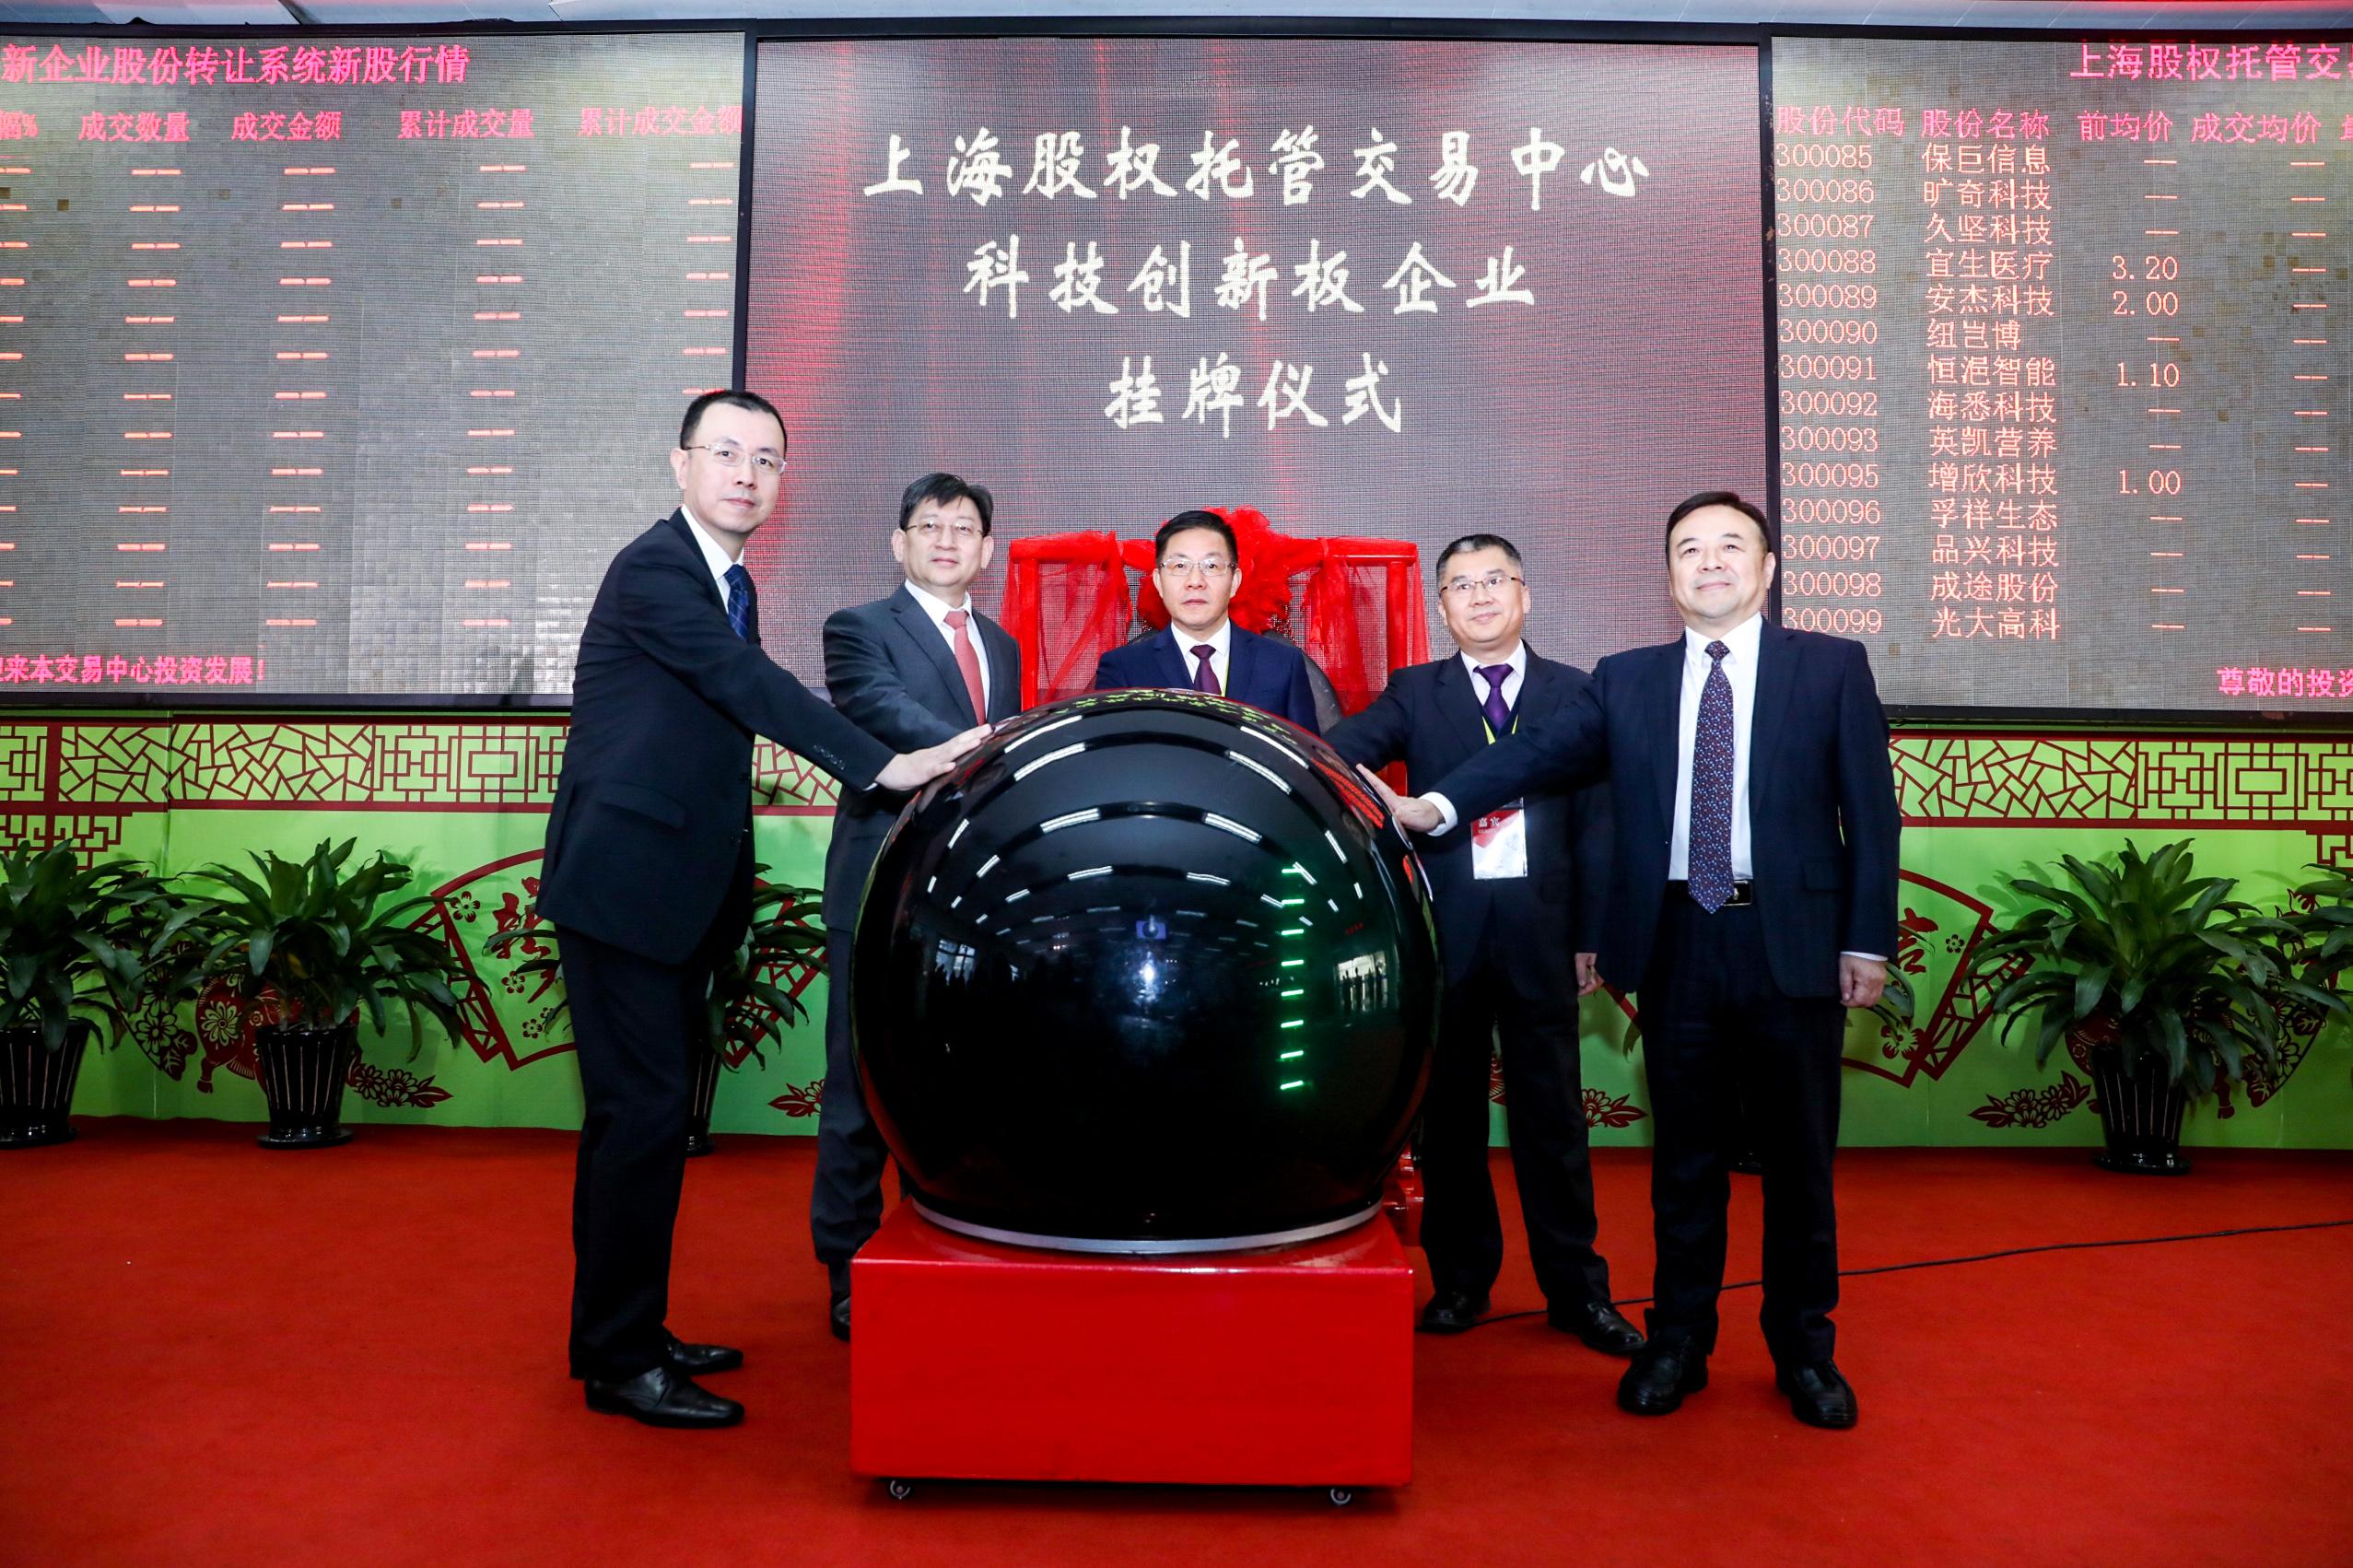 """上海股交中心科技创新板""""四周岁""""对接上交所科创板再添新举措-上海朗荣投资致力于科创板挂牌融资上市"""